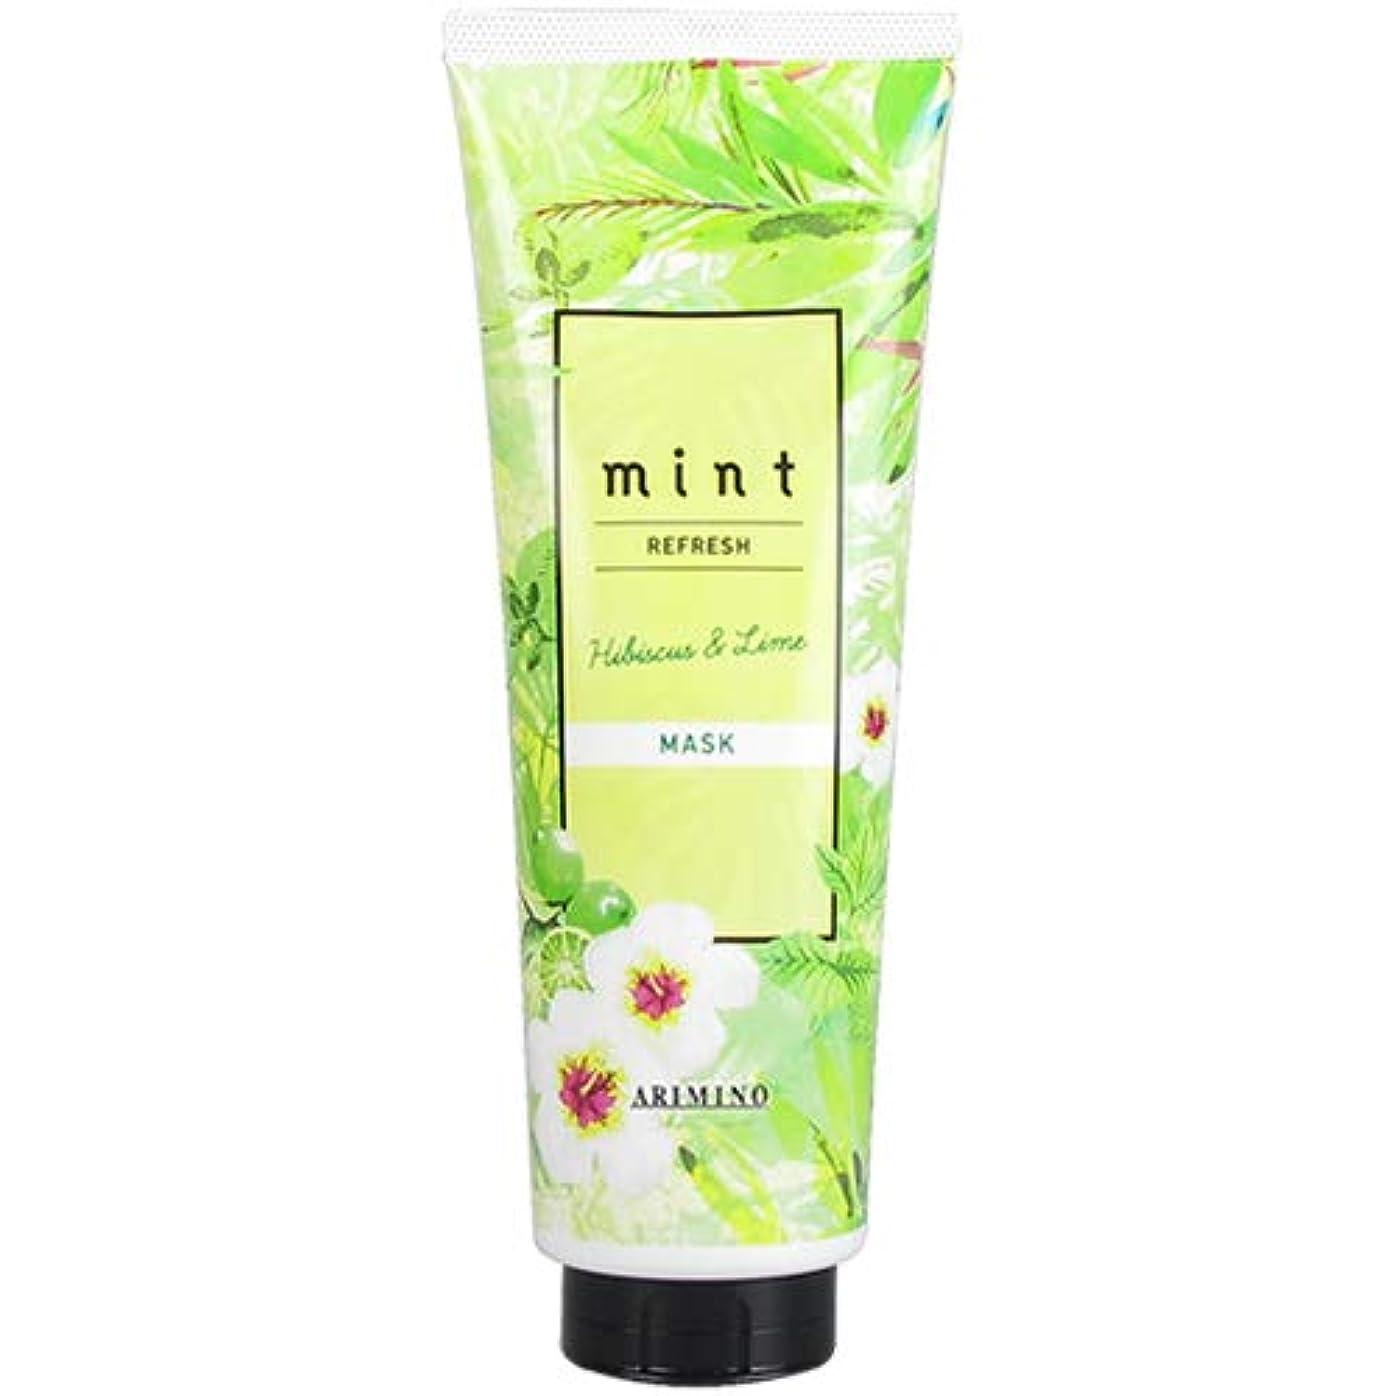 石鹸グラス自発的アリミノ ARIMINO ミント マスク リフレッシュ 200g [並行輸入品]